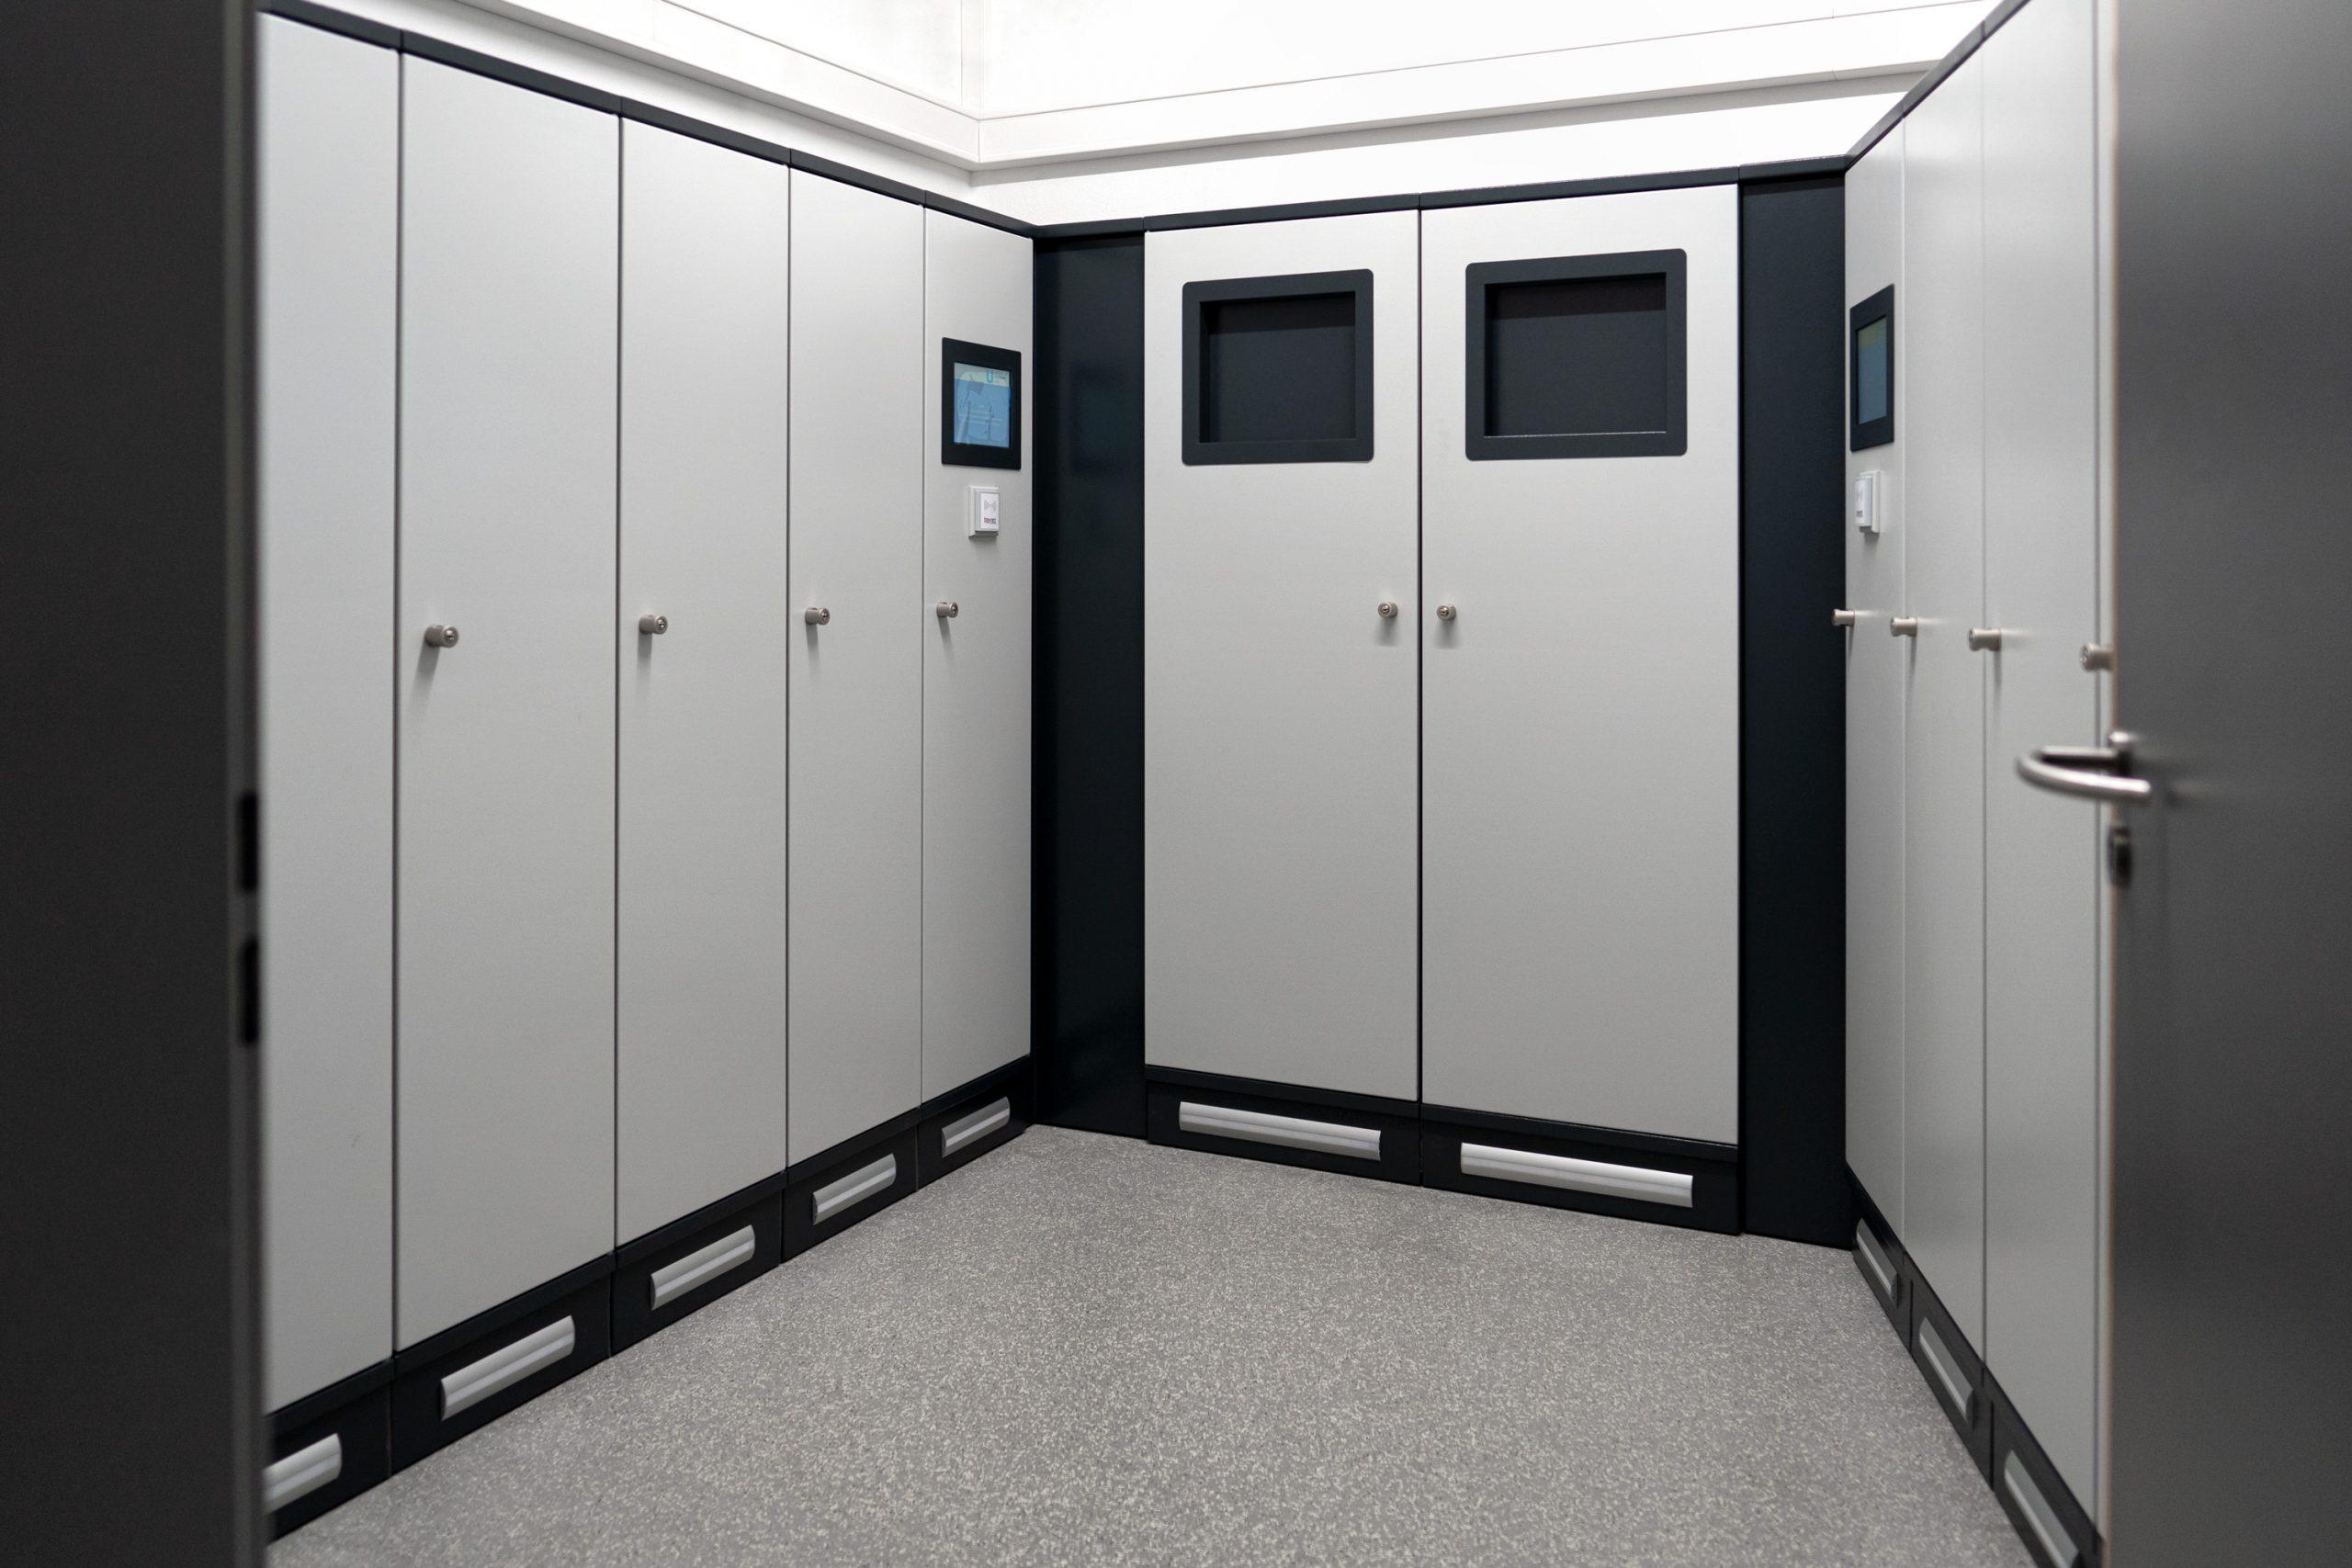 Schranksystem, welches in einem kleinen Raum installiert wurde